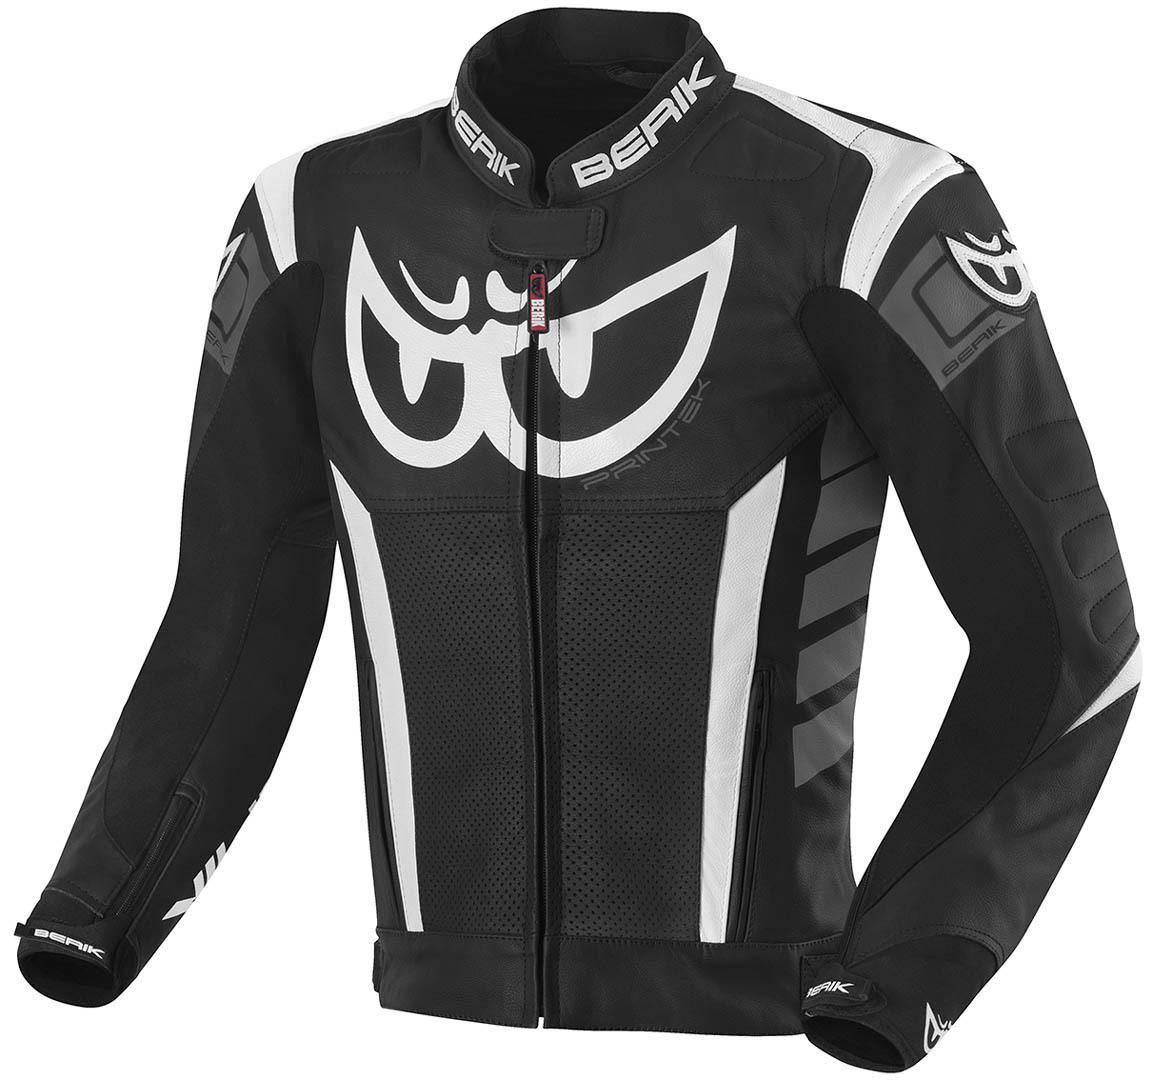 Berik Zakura Motorrad Lederjacke, schwarz-grau-weiss, Größe 50, schwarz-grau-weiss, Größe 50